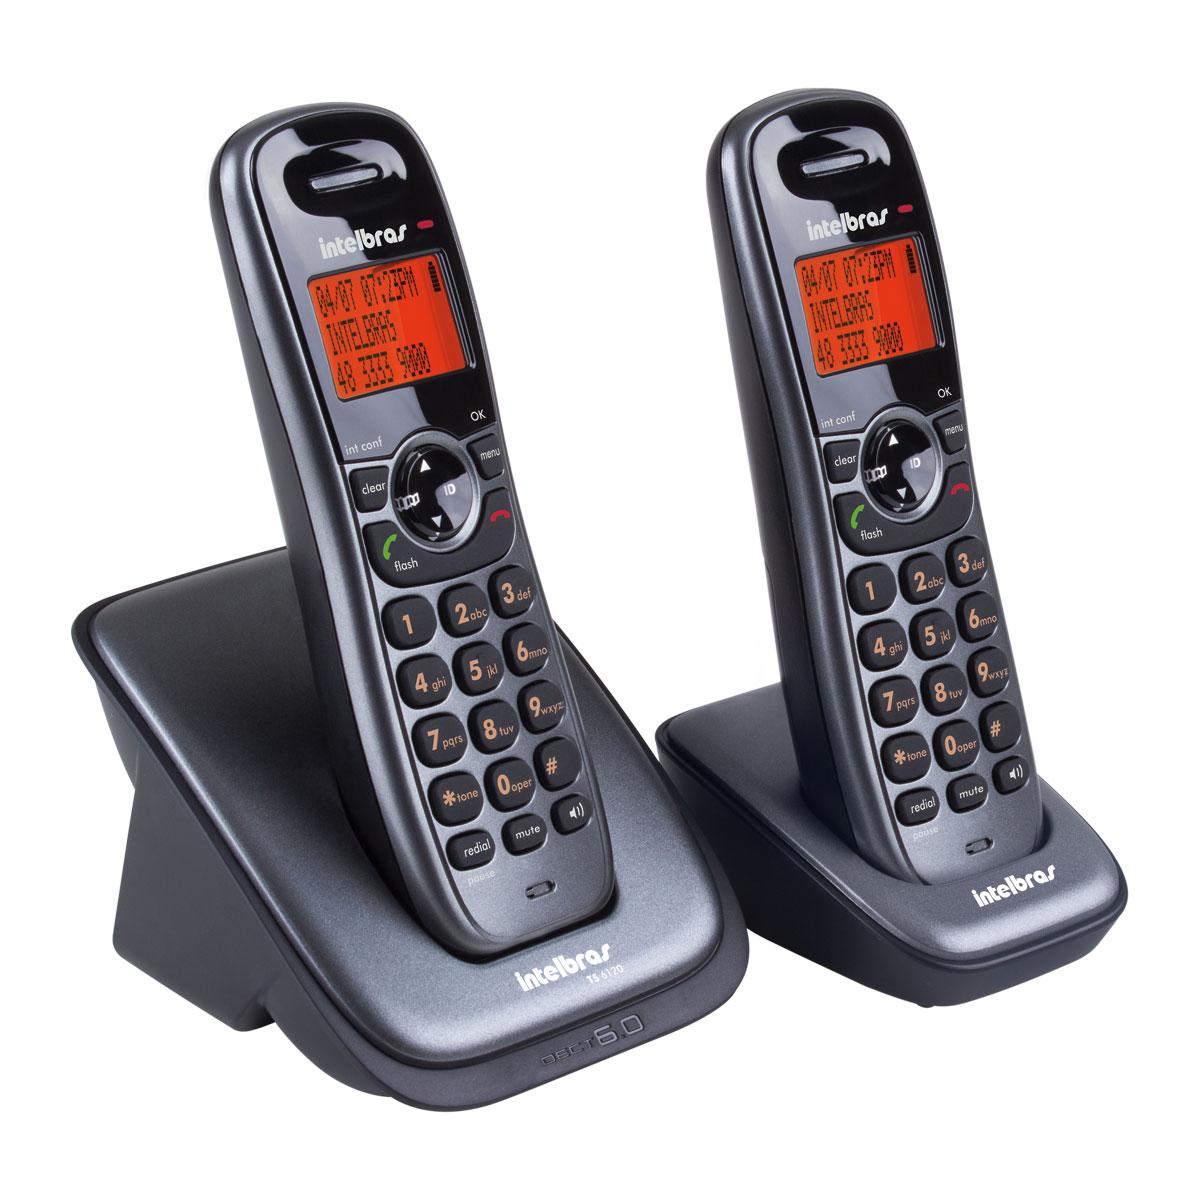 Telefone Intelbras TS 6122 sem fio - Hope Tech Telecomunicações